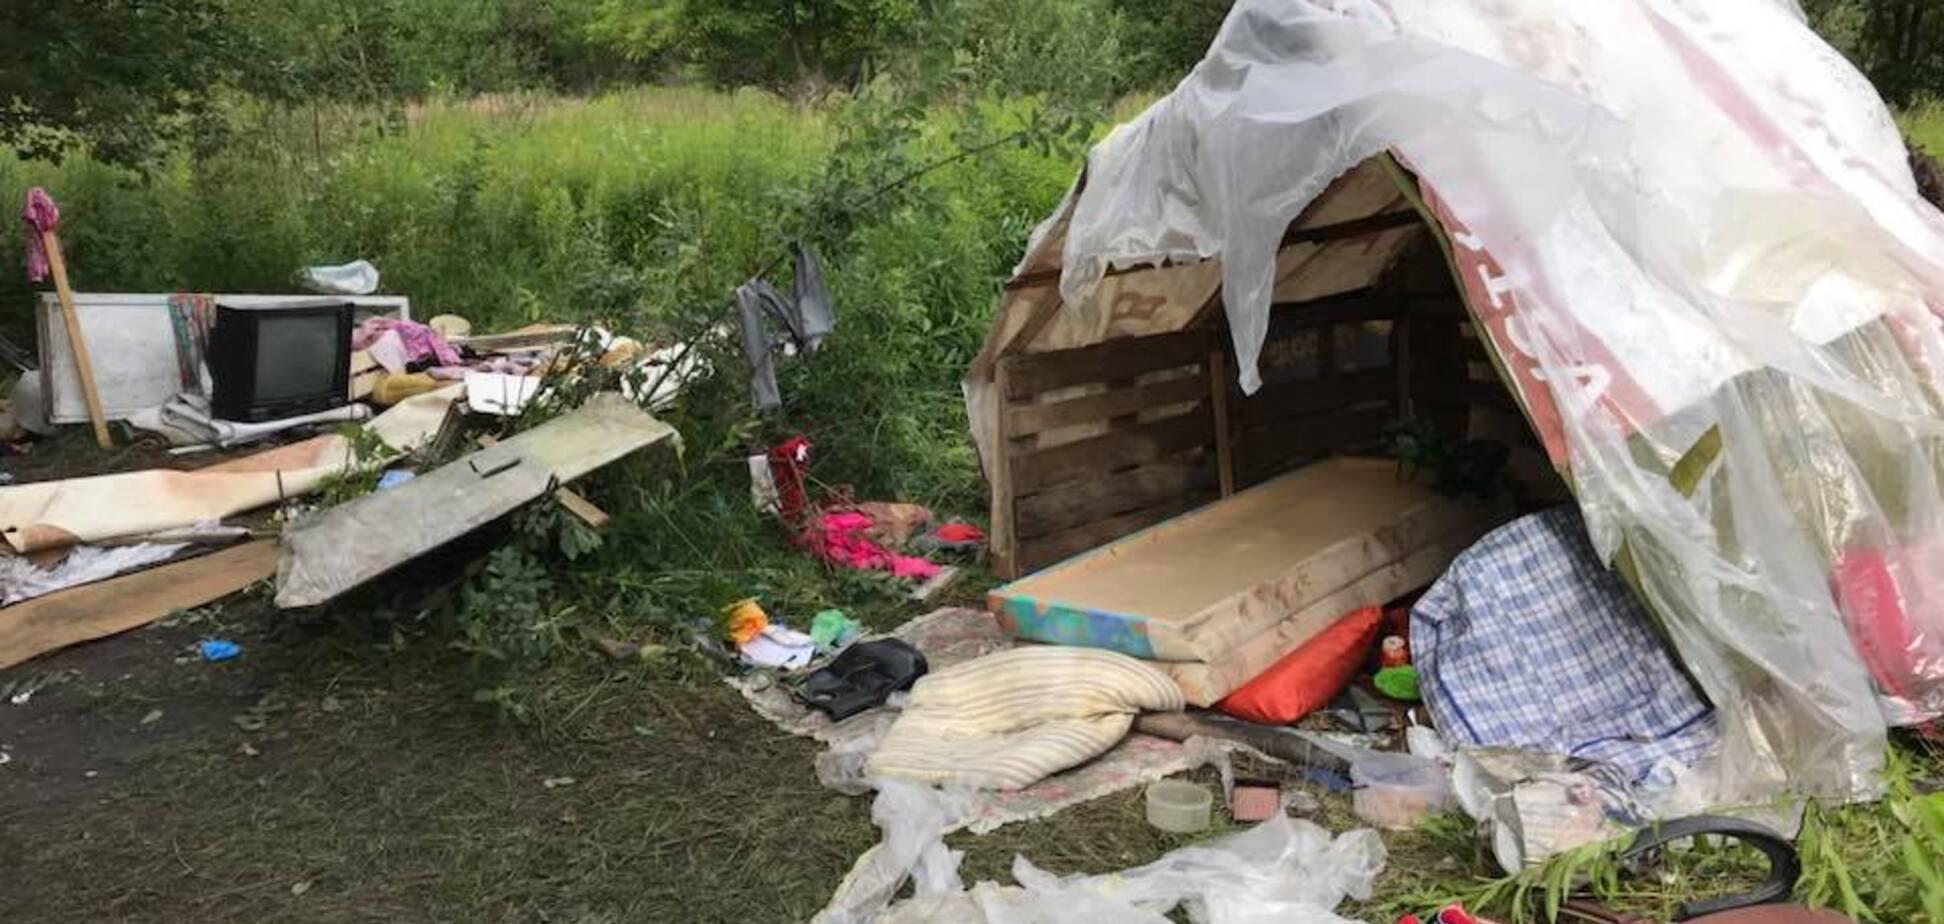 'Ми нажахані!' Європа звернулася до України через смертельну атаку на ромів